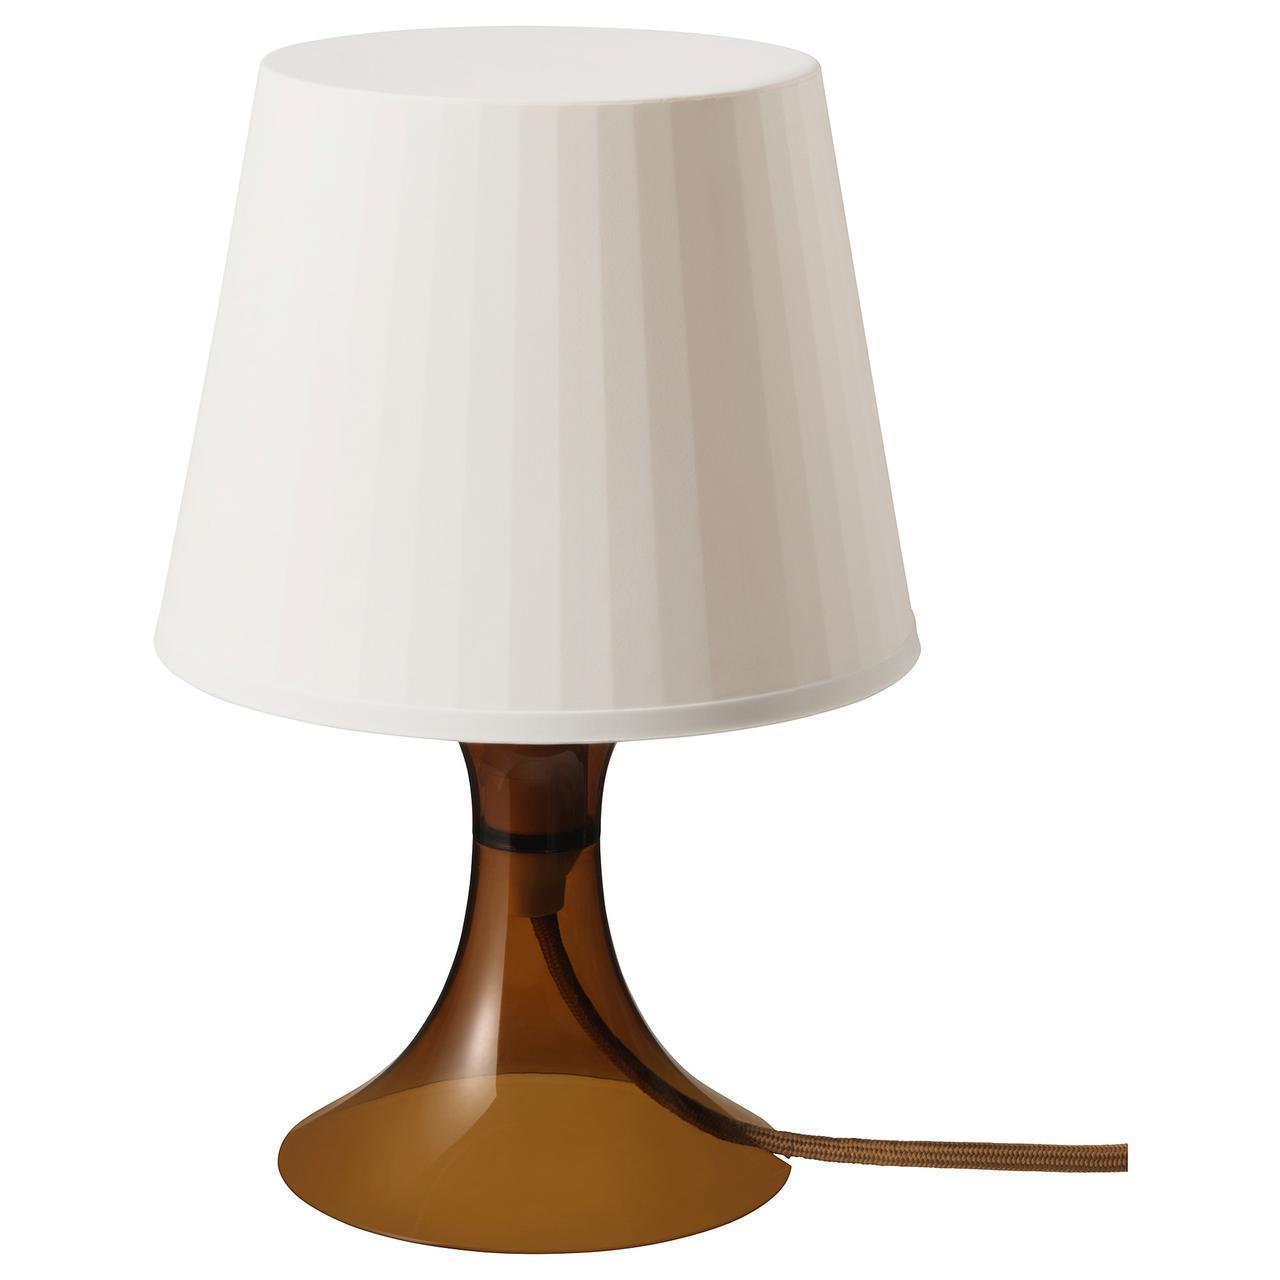 Настольная лампа IKEA LAMPAN 29 см коричневая 103.946.38